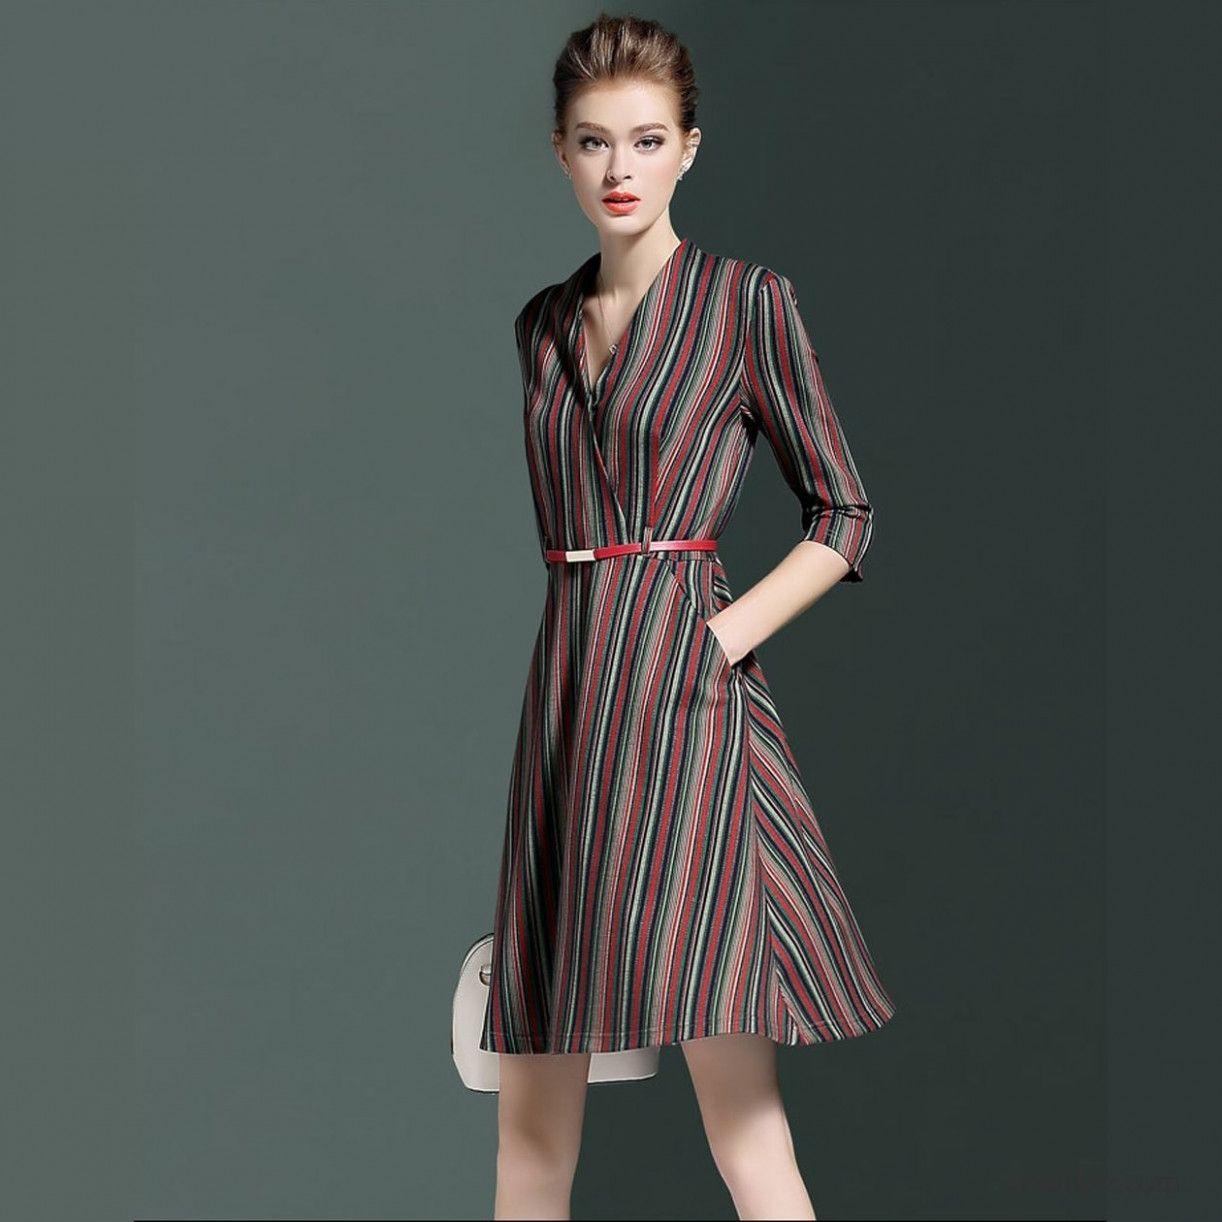 15 in 2020 | kleider, kleider damen, kleidung mode